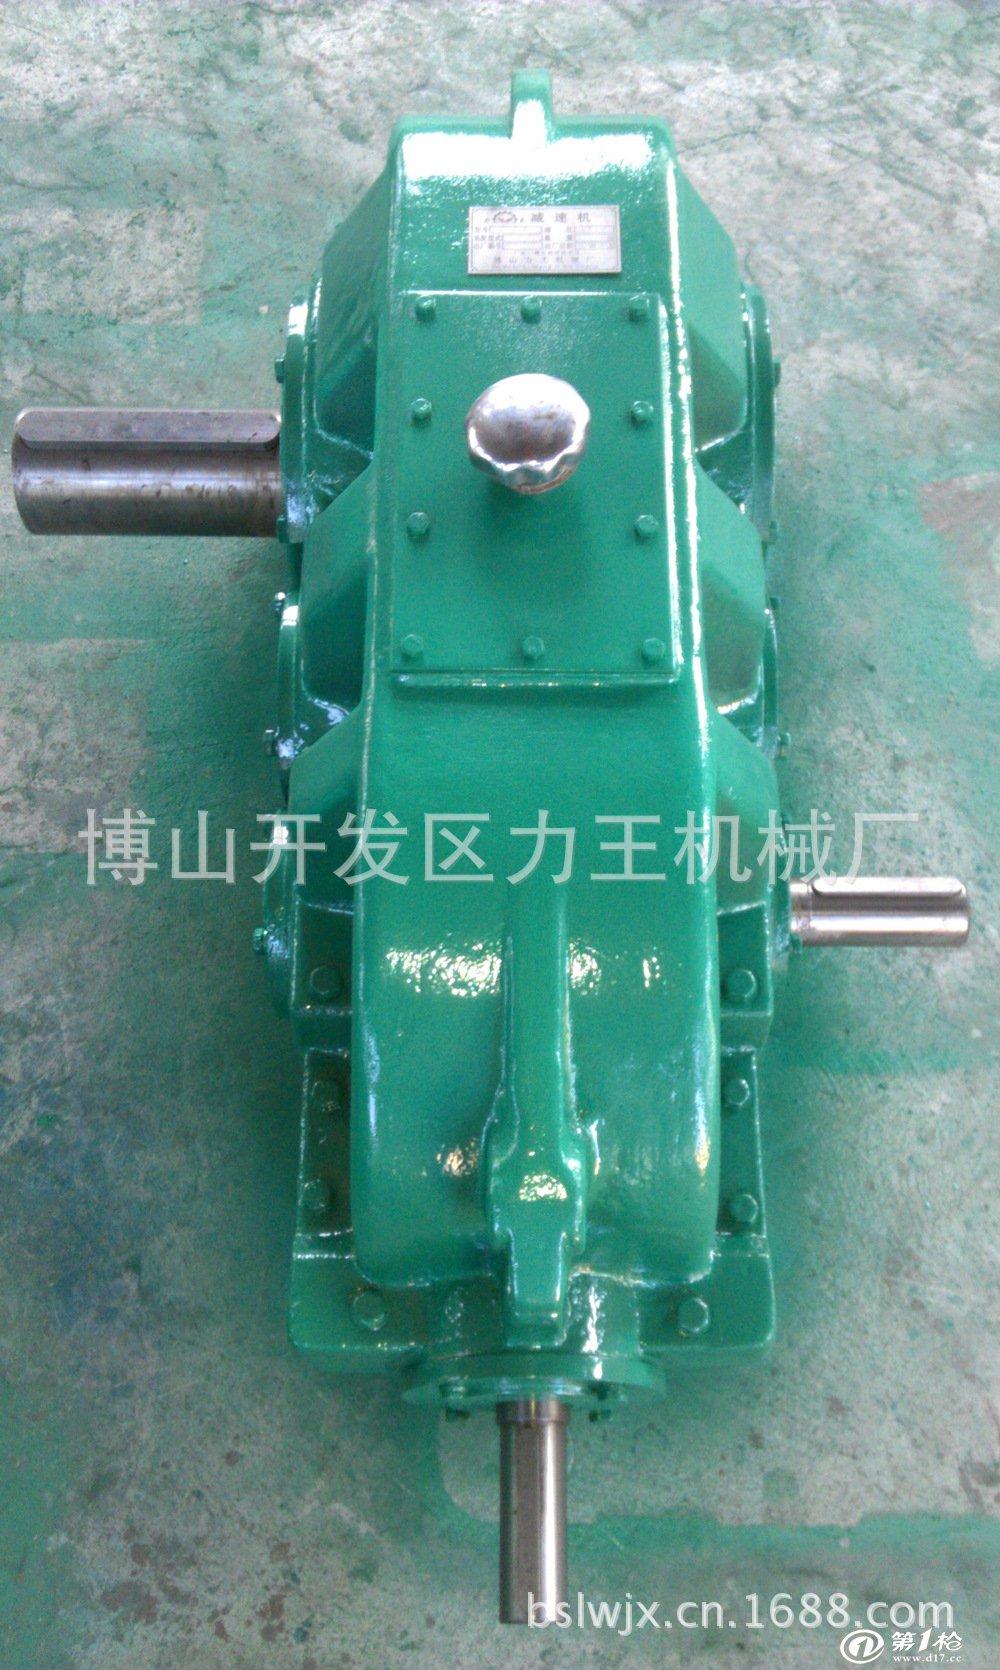 dcy400圆锥圆柱齿轮减速机,减速器(图-)